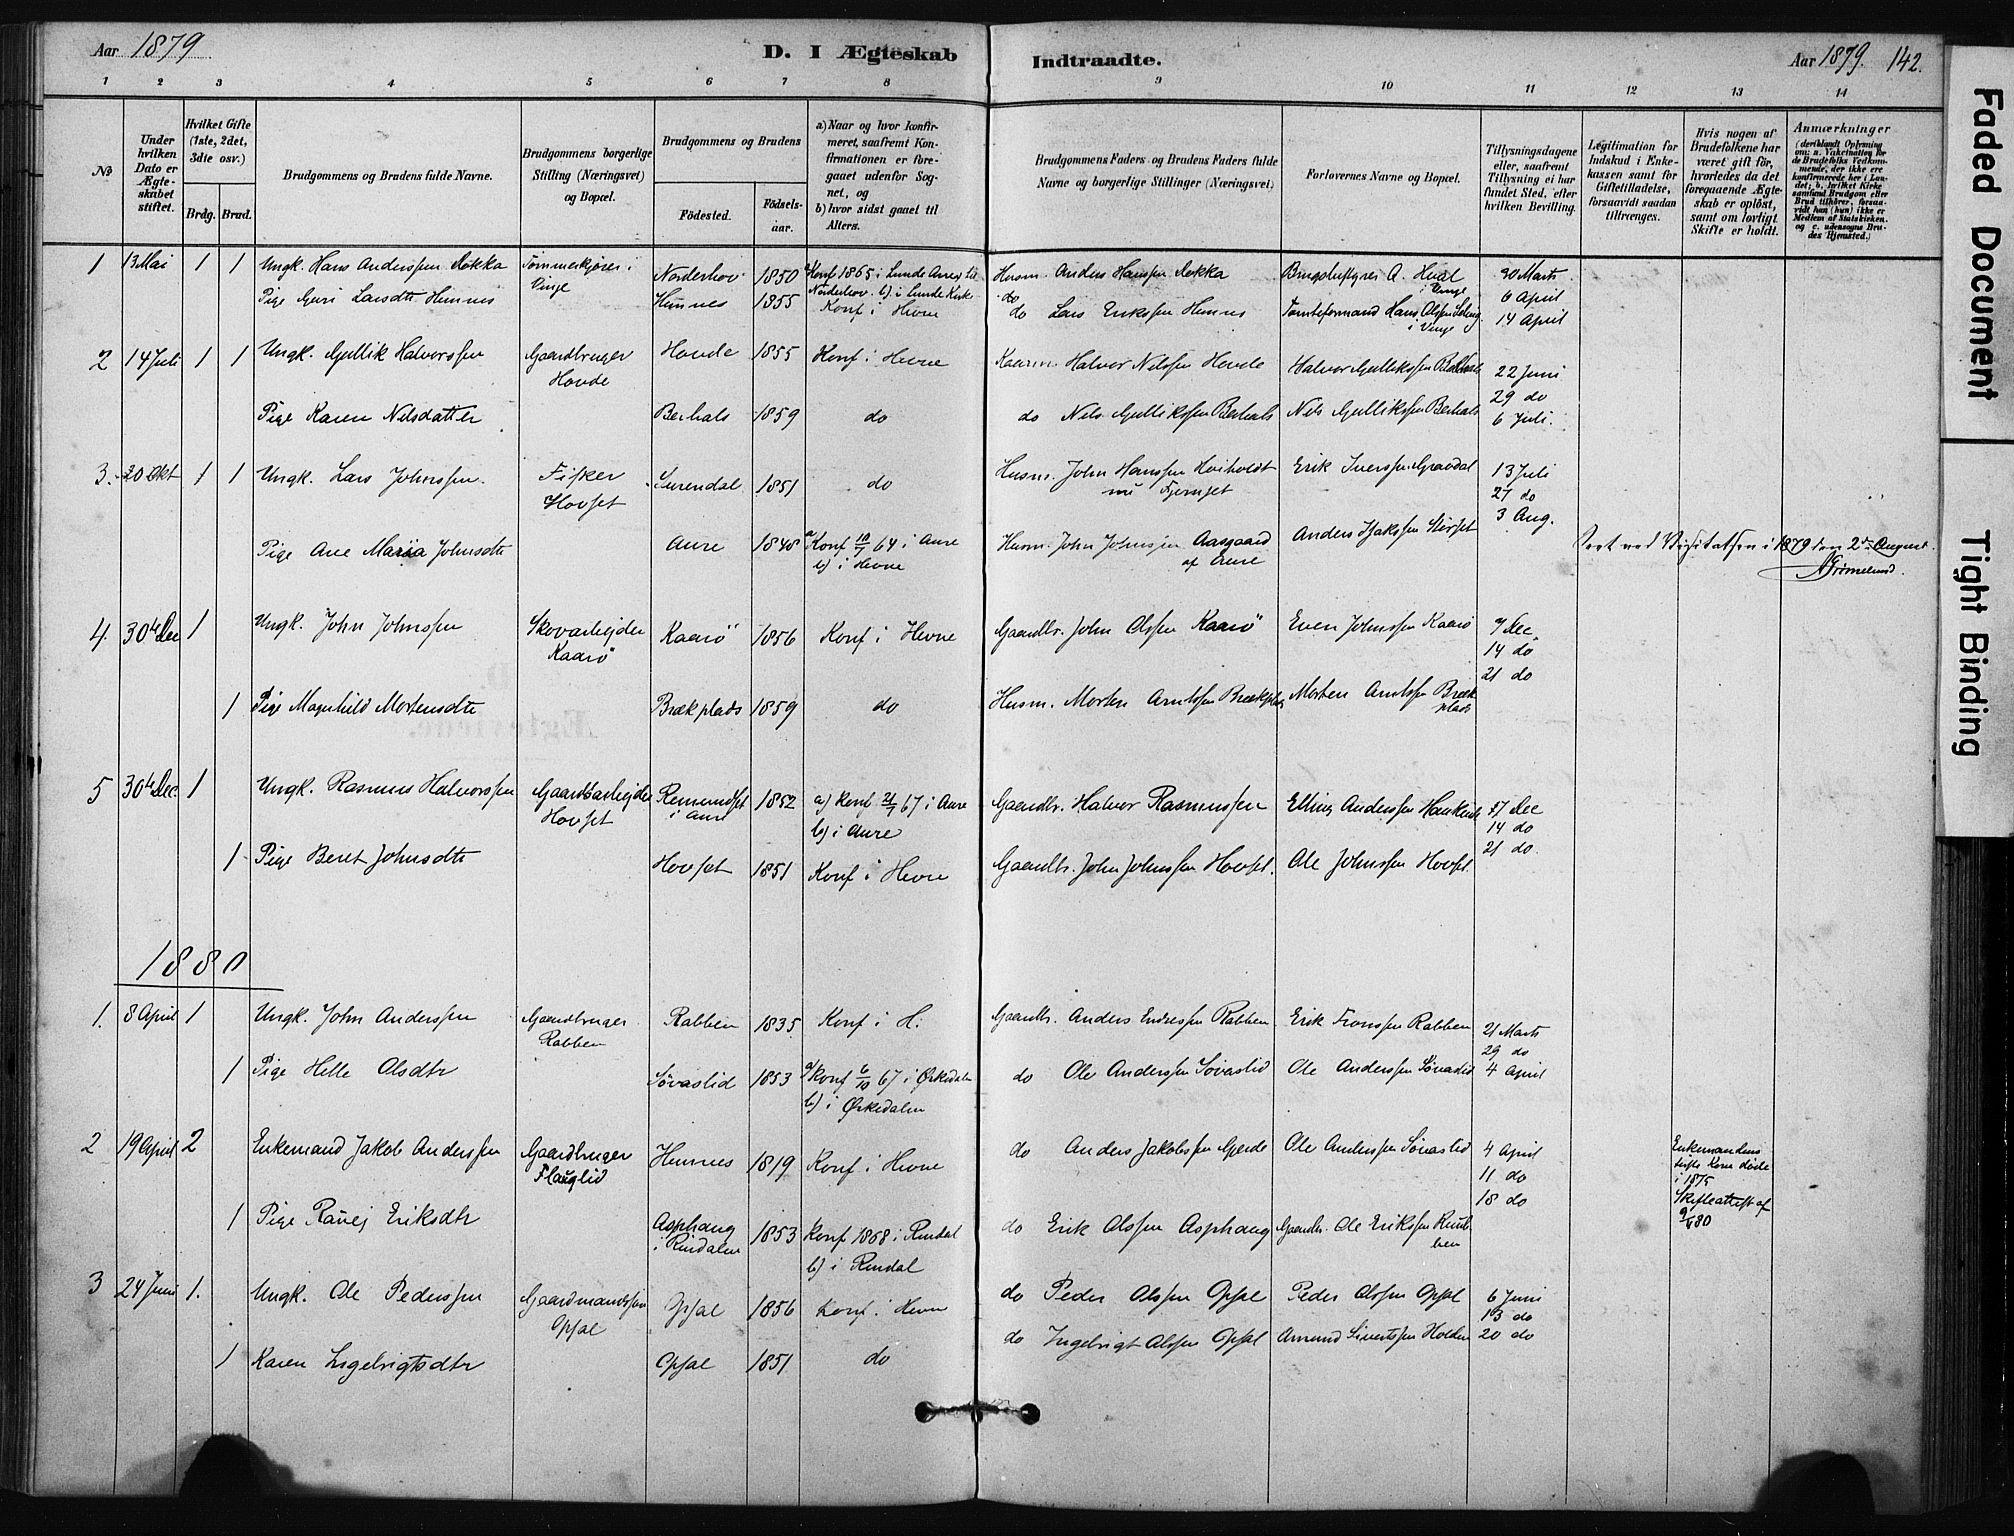 SAT, Ministerialprotokoller, klokkerbøker og fødselsregistre - Sør-Trøndelag, 631/L0512: Ministerialbok nr. 631A01, 1879-1912, s. 142